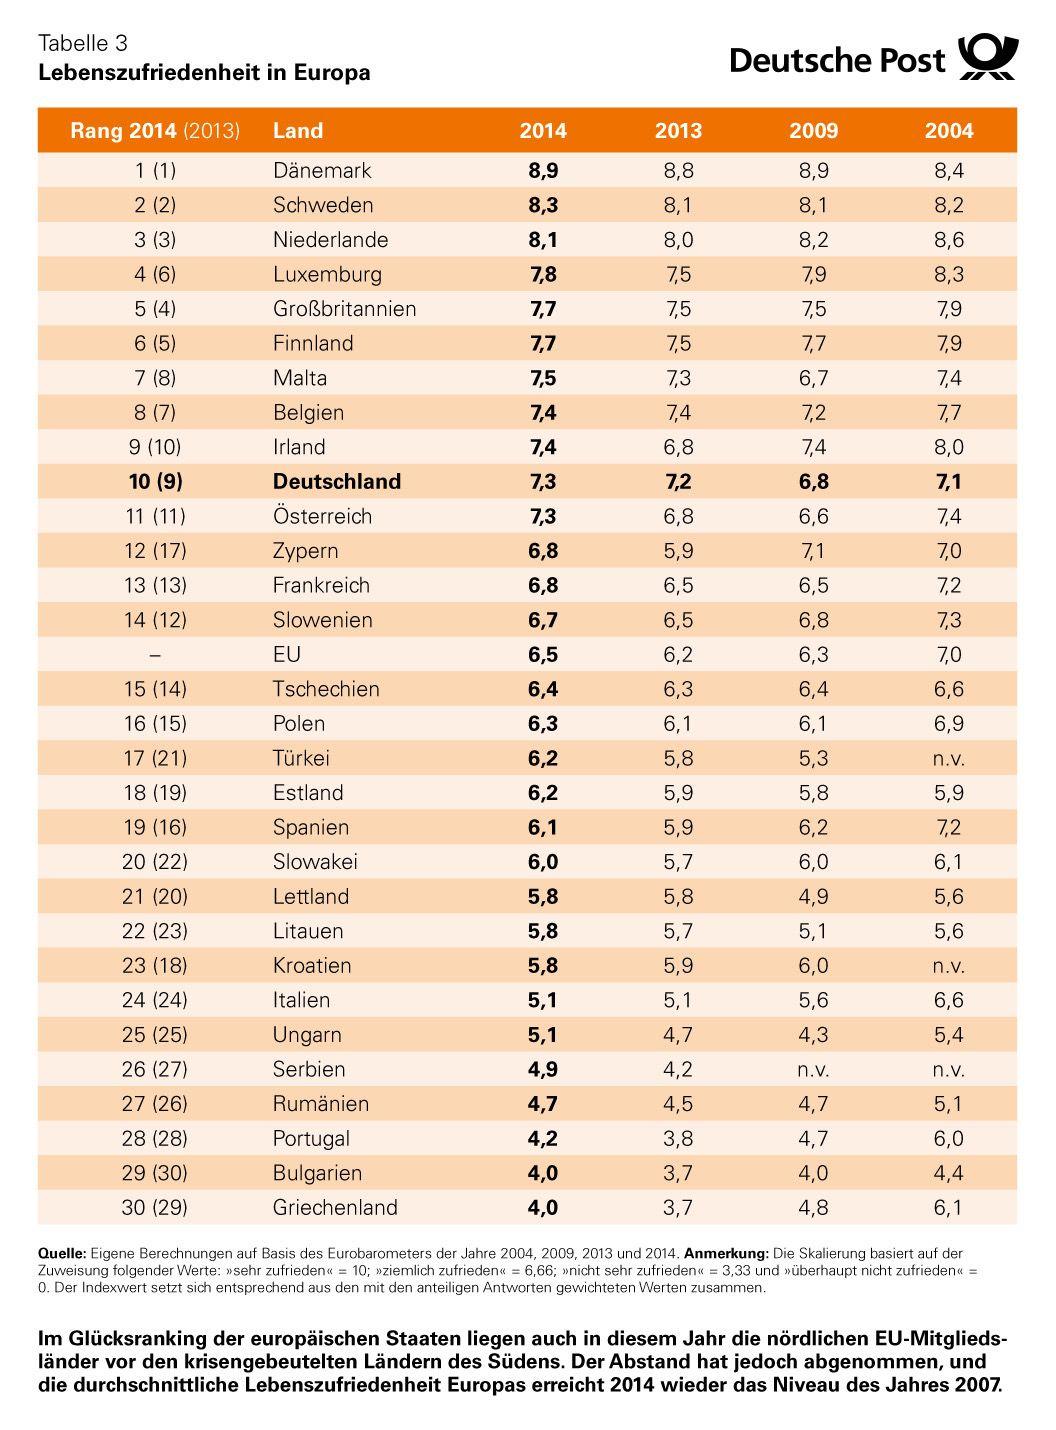 Glücksatlas 2015 Lebenszufriedenheit-in-Europa-Ranking